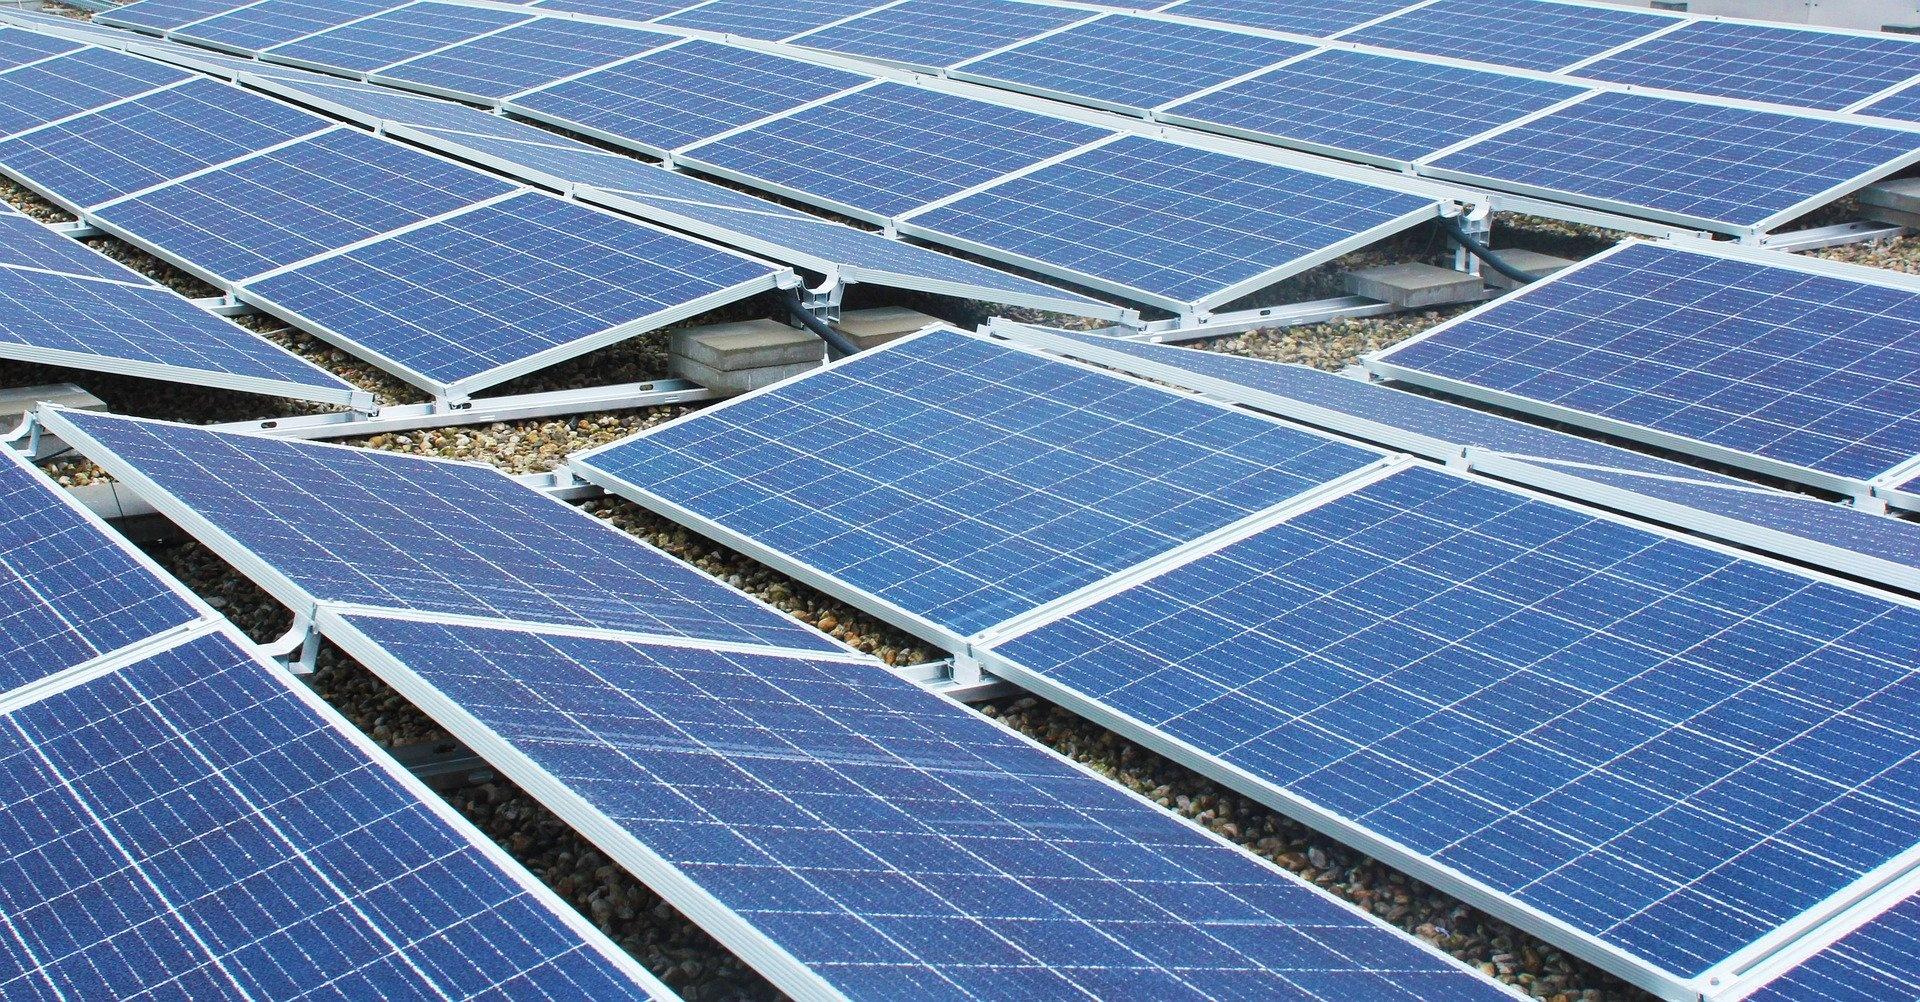 Community Solar Subscription, Solar Panels, Solar Farm, YSG Solar